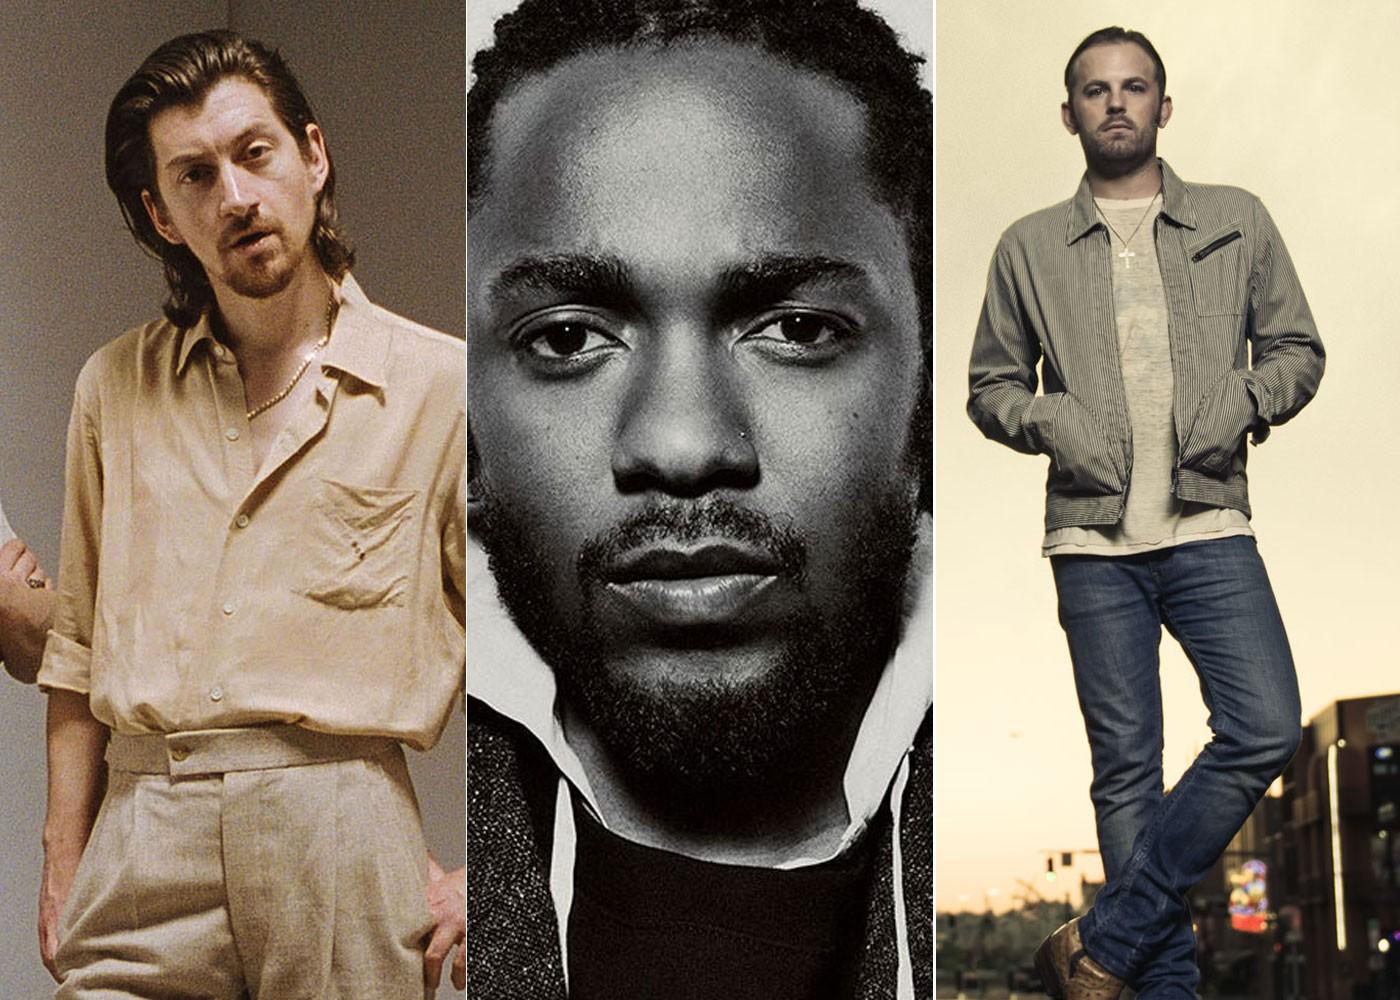 Lollapalooza anuncia line-up por dia com Arctic Monkeys, Kendrick e Kings of Leon em destaque - Noticias